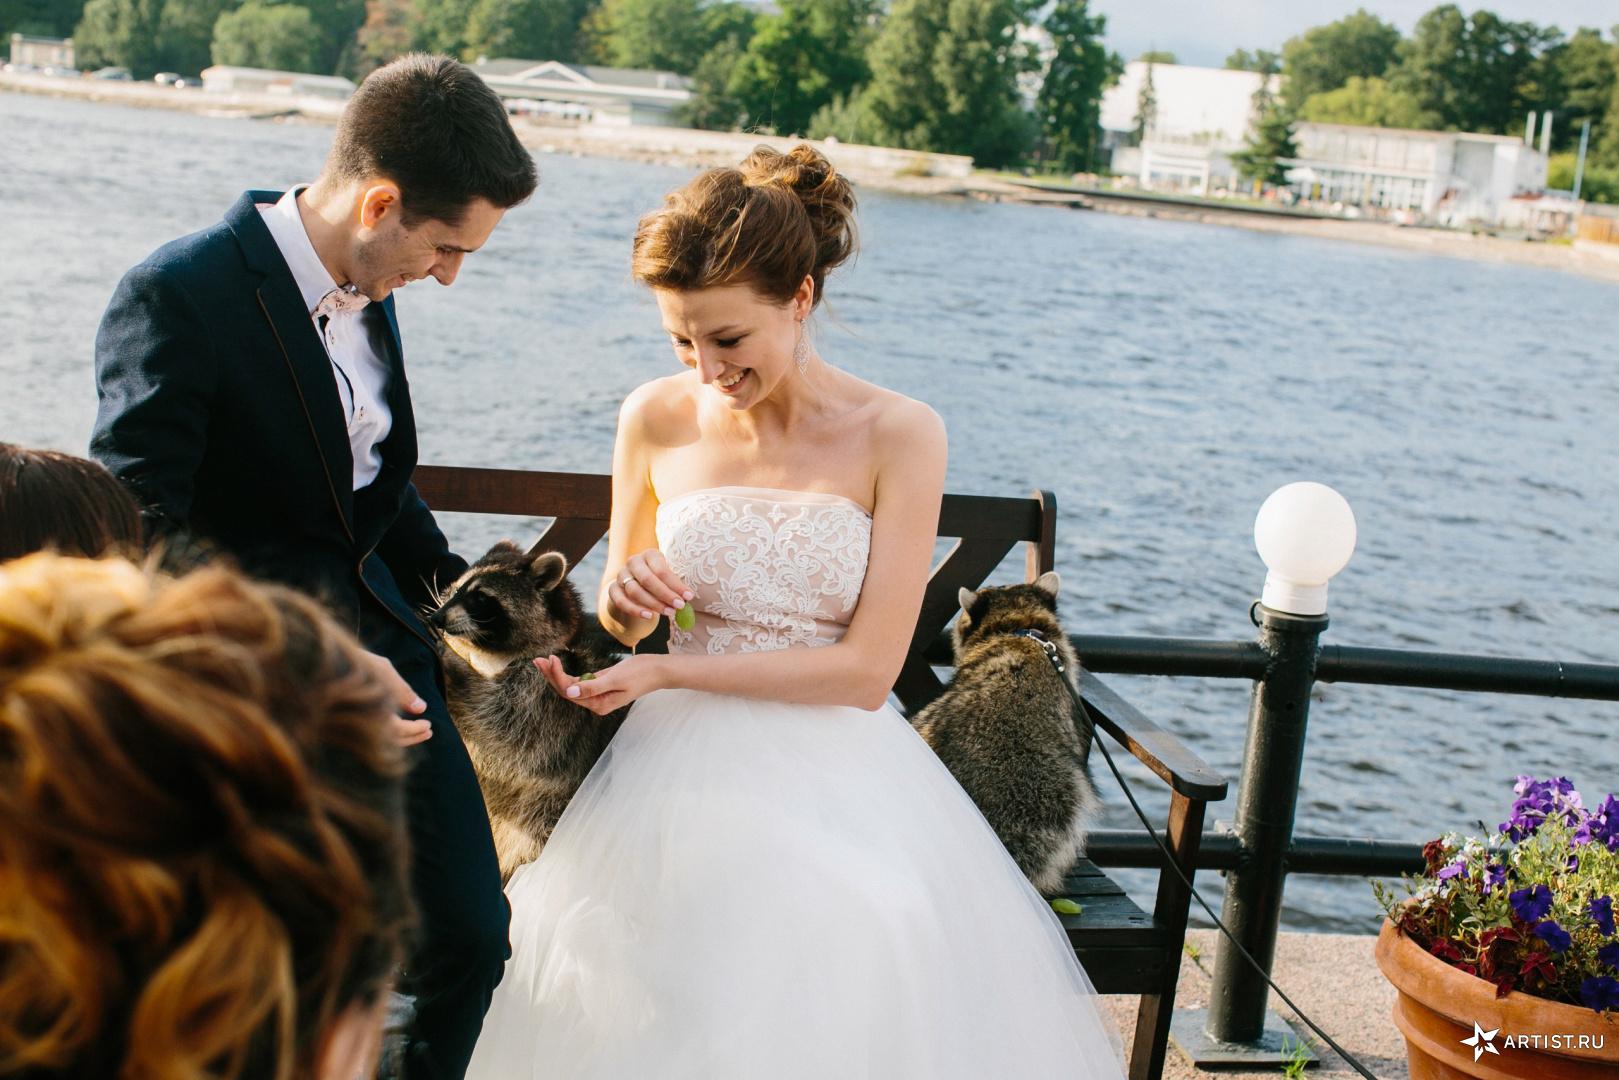 Фото 3 из 11 из альбома Свадьба Елизаветы и Андрея Андрея Кислого